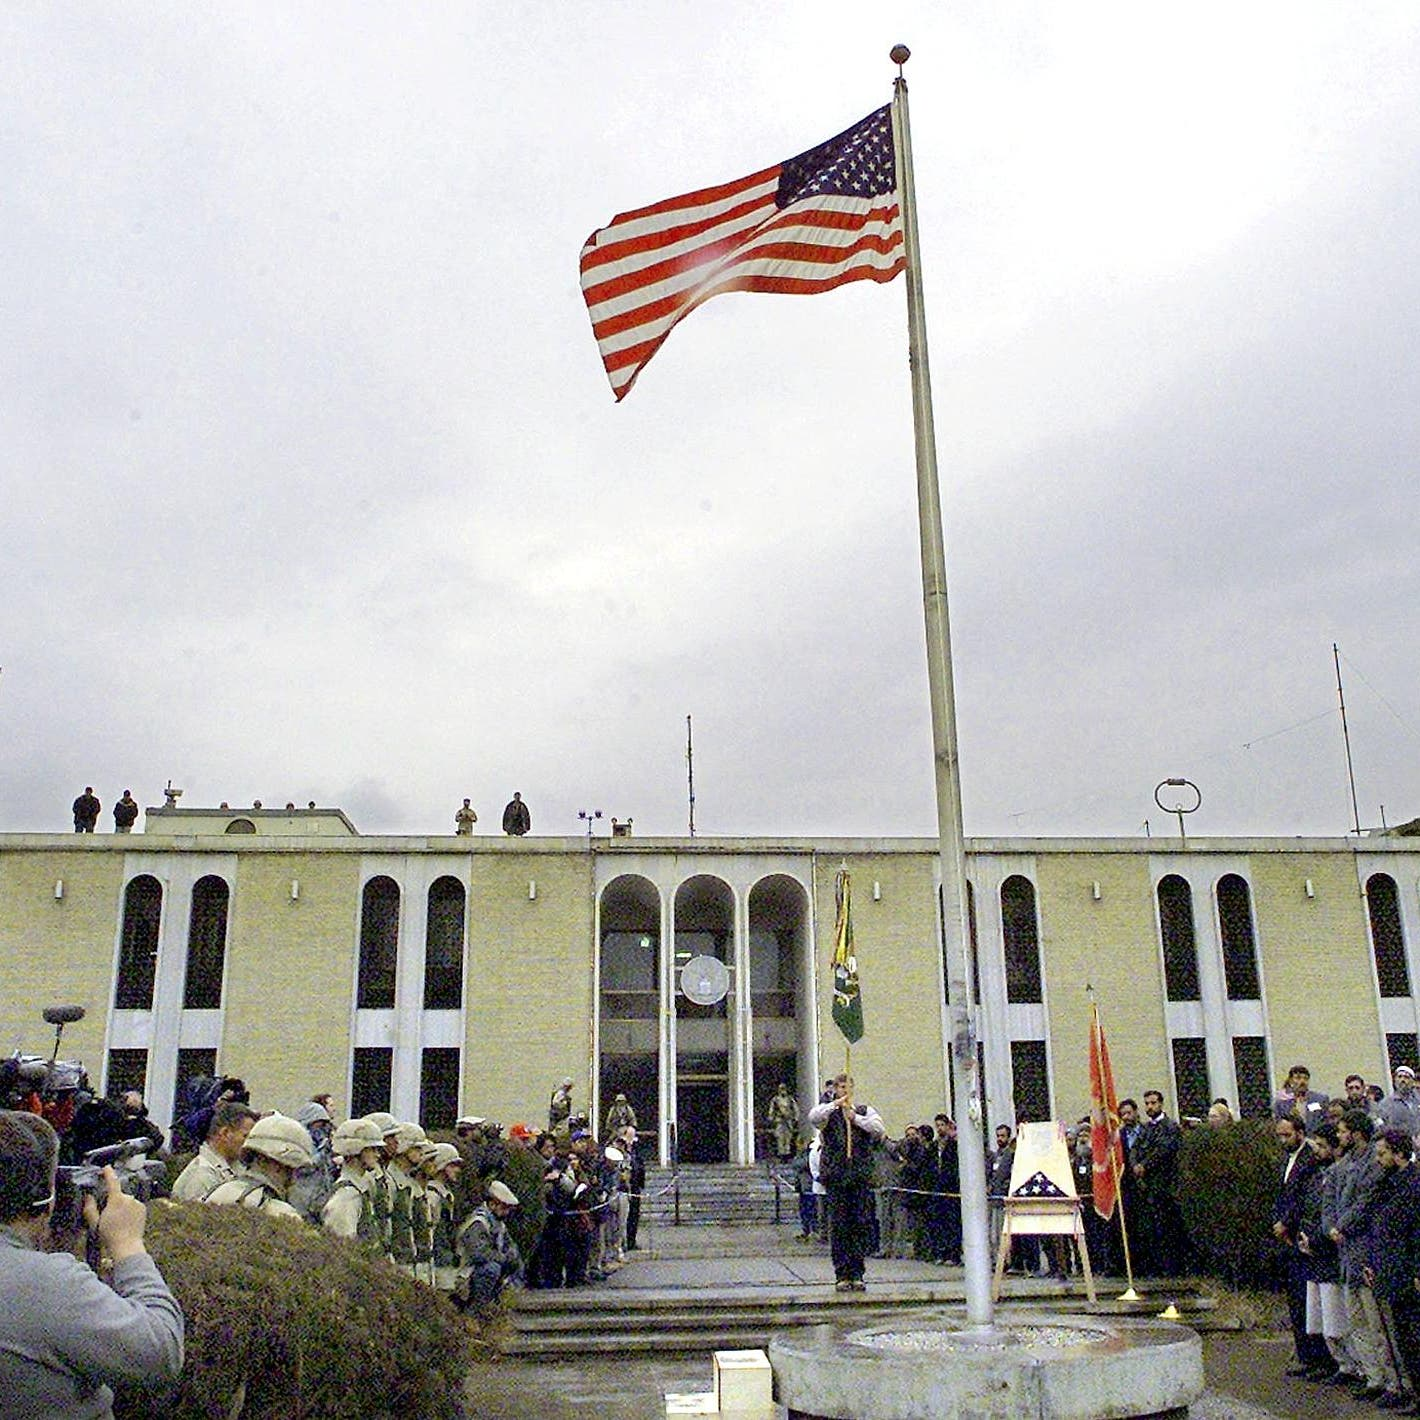 طالبان تريد بقاء وجود دبلوماسي أميركي بكابل.. واشنطن تتردد